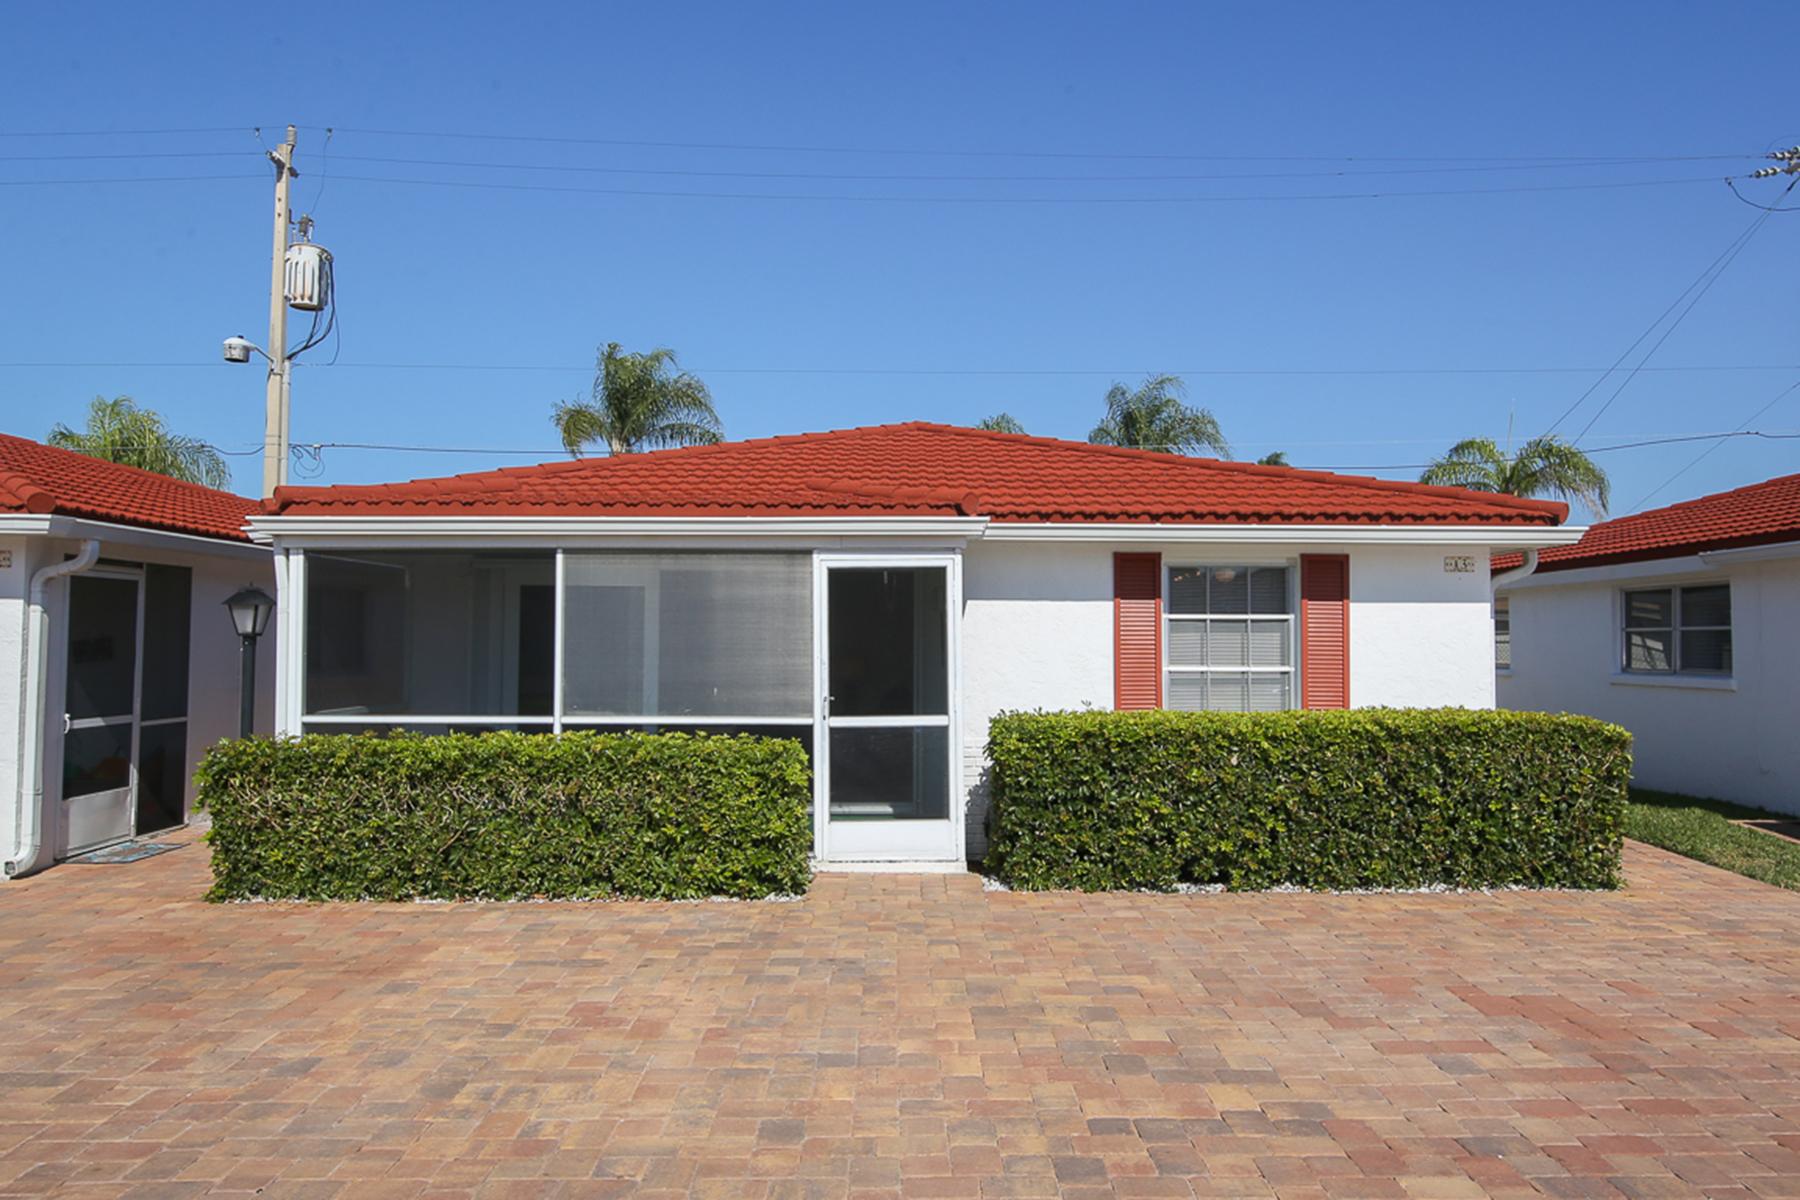 타운하우스 용 매매 에 CASA BLANCA 6154 Midnight Pass Rd A3 Sarasota, 플로리다, 34242 미국